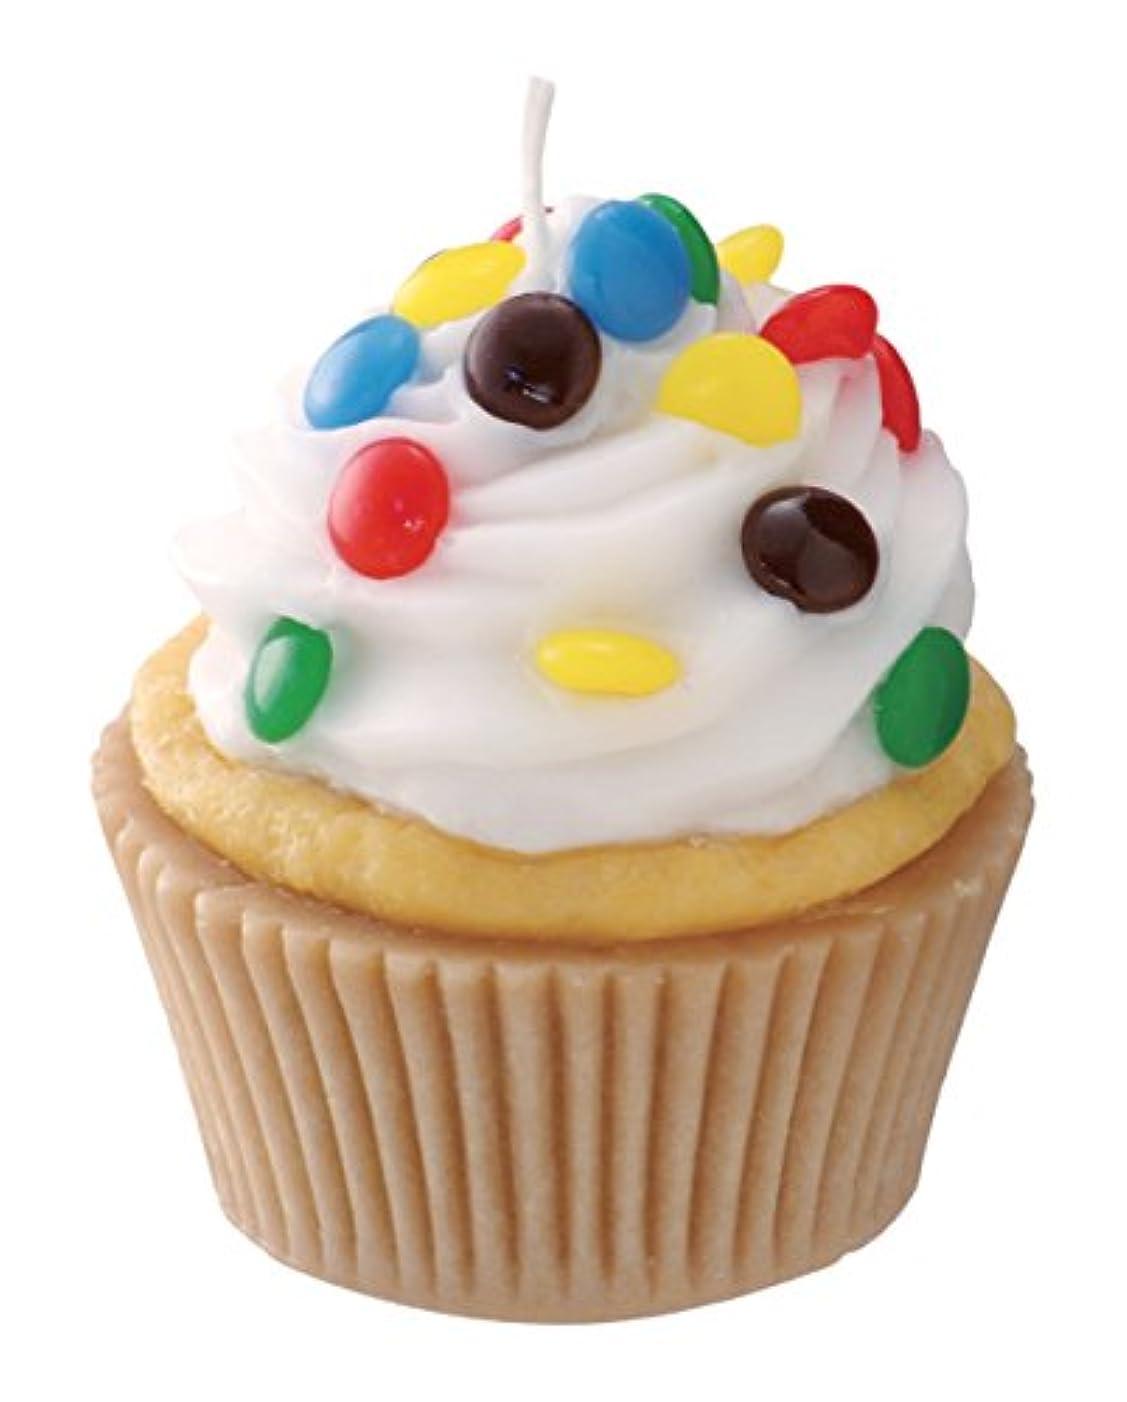 プレゼンテーションジョージハンブリー著作権カメヤマキャンドルハウス 本物そっくり! アメリカンカップケーキキャンドル ホワイトクリーム チョコレートの香り